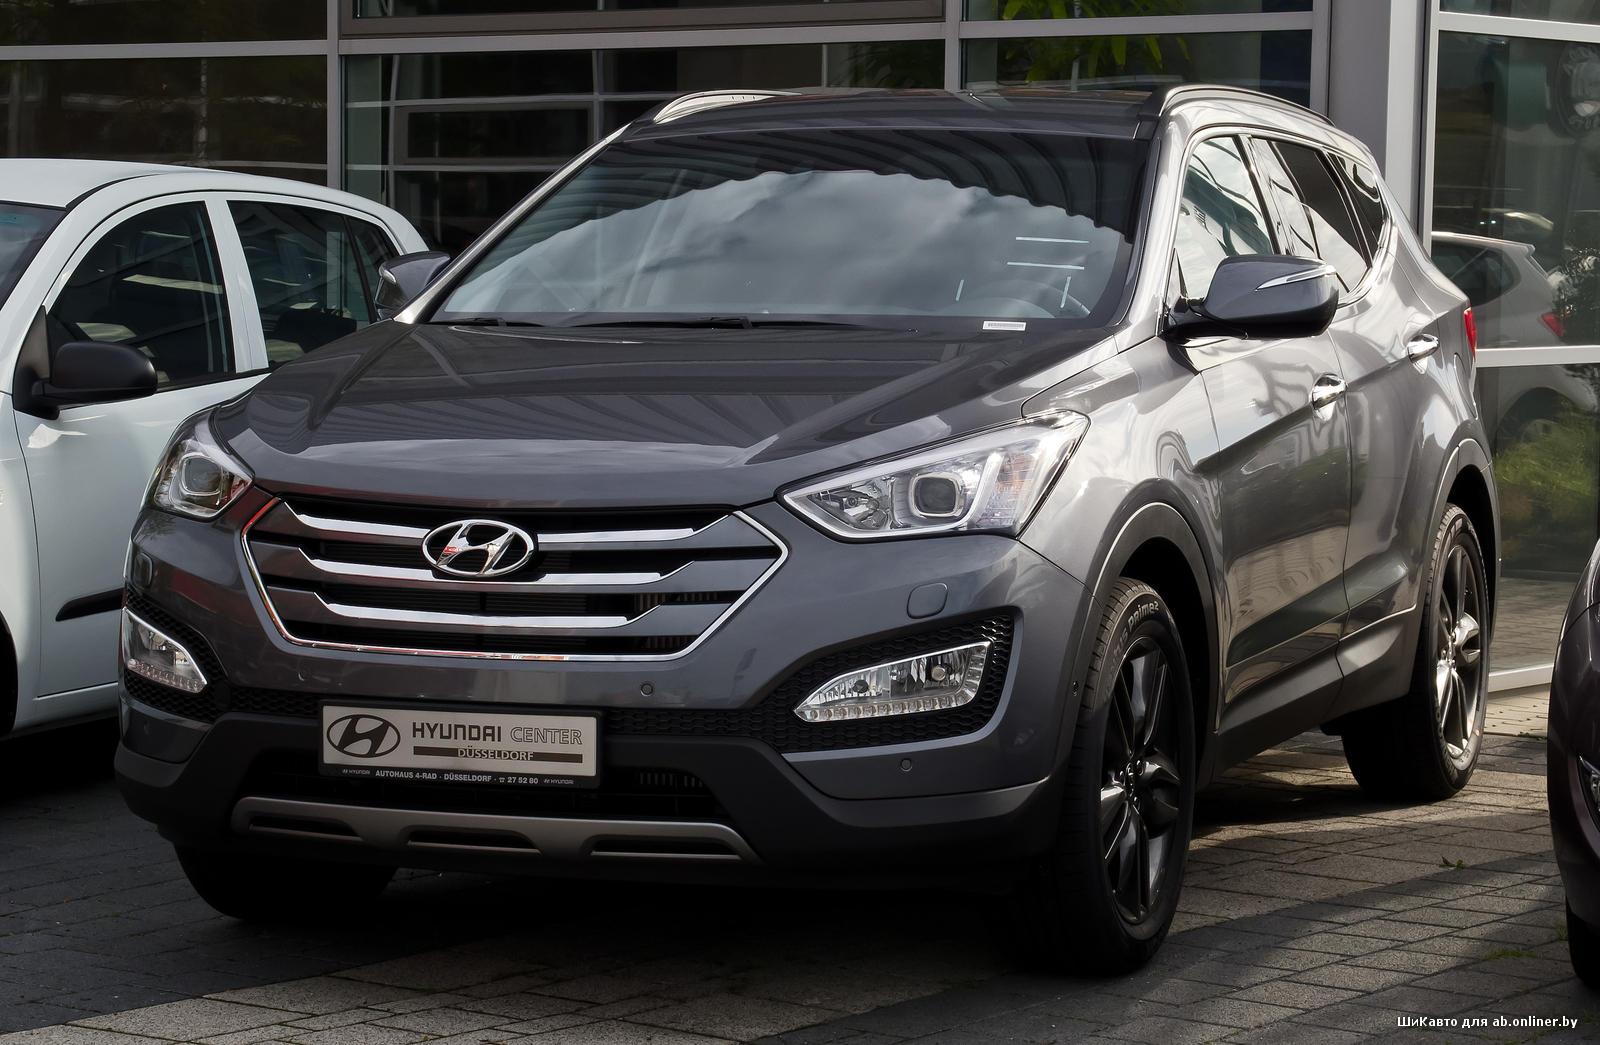 Hyundai Santa Fe 2.4i 6MT AWD